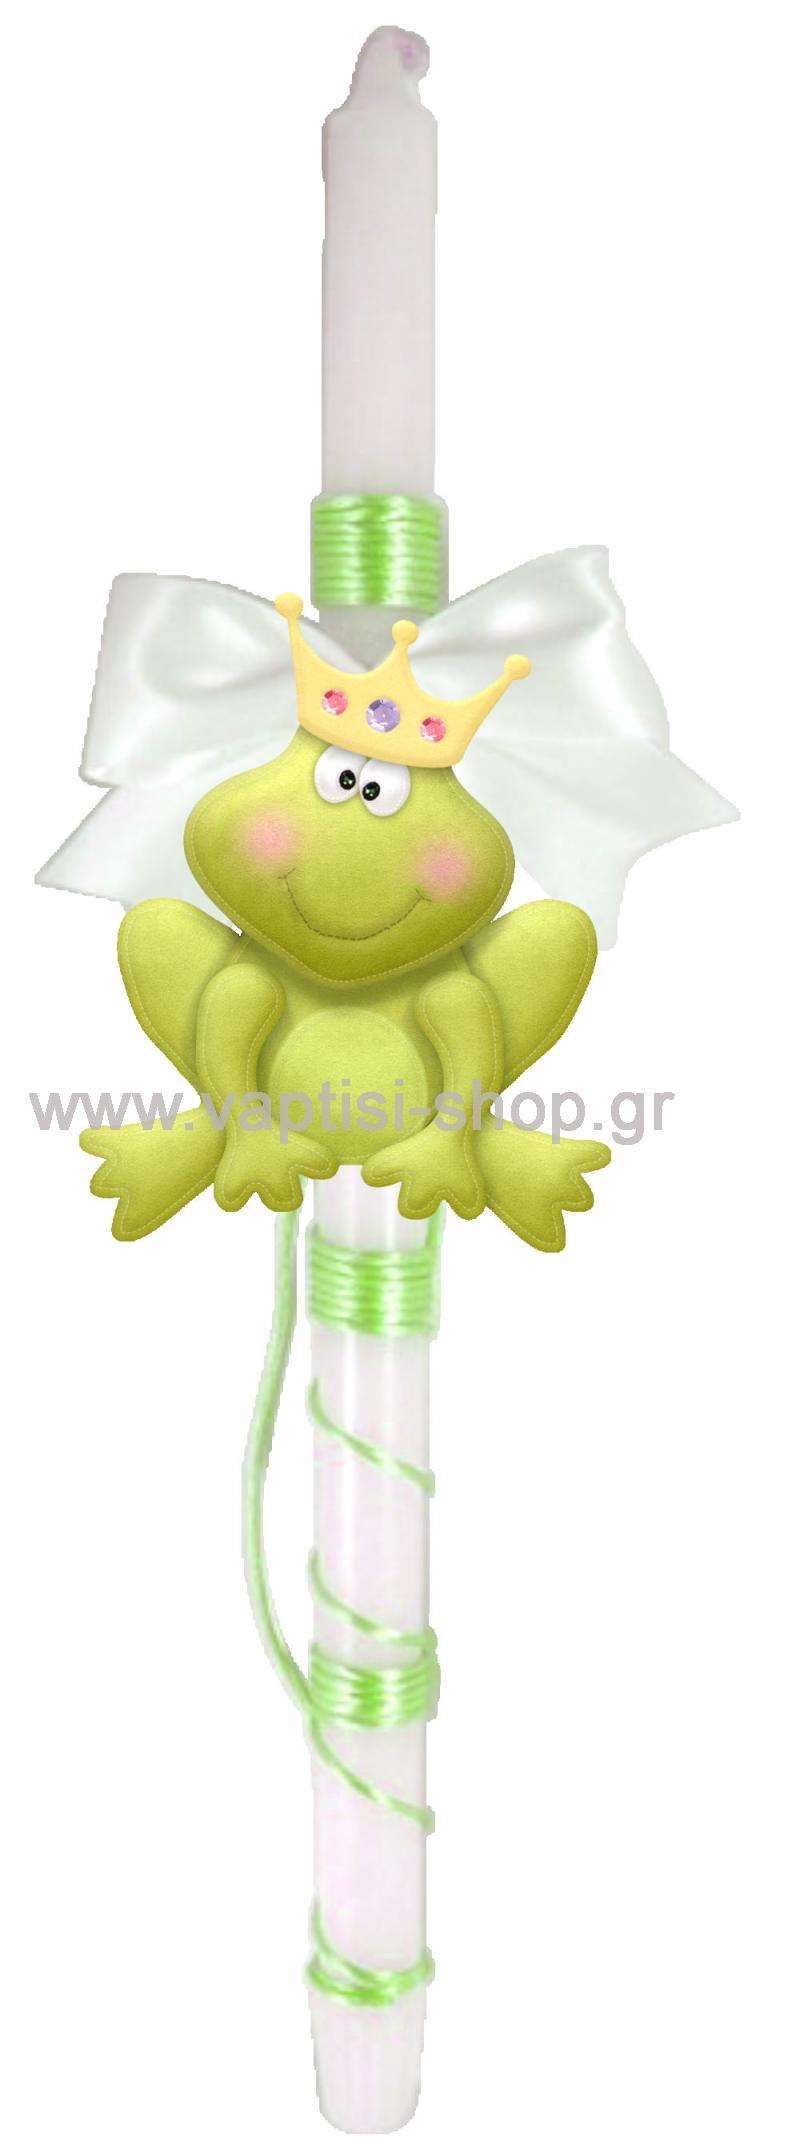 Πασχαλινή Λαμπάδα Βάτραχος με κορώνα